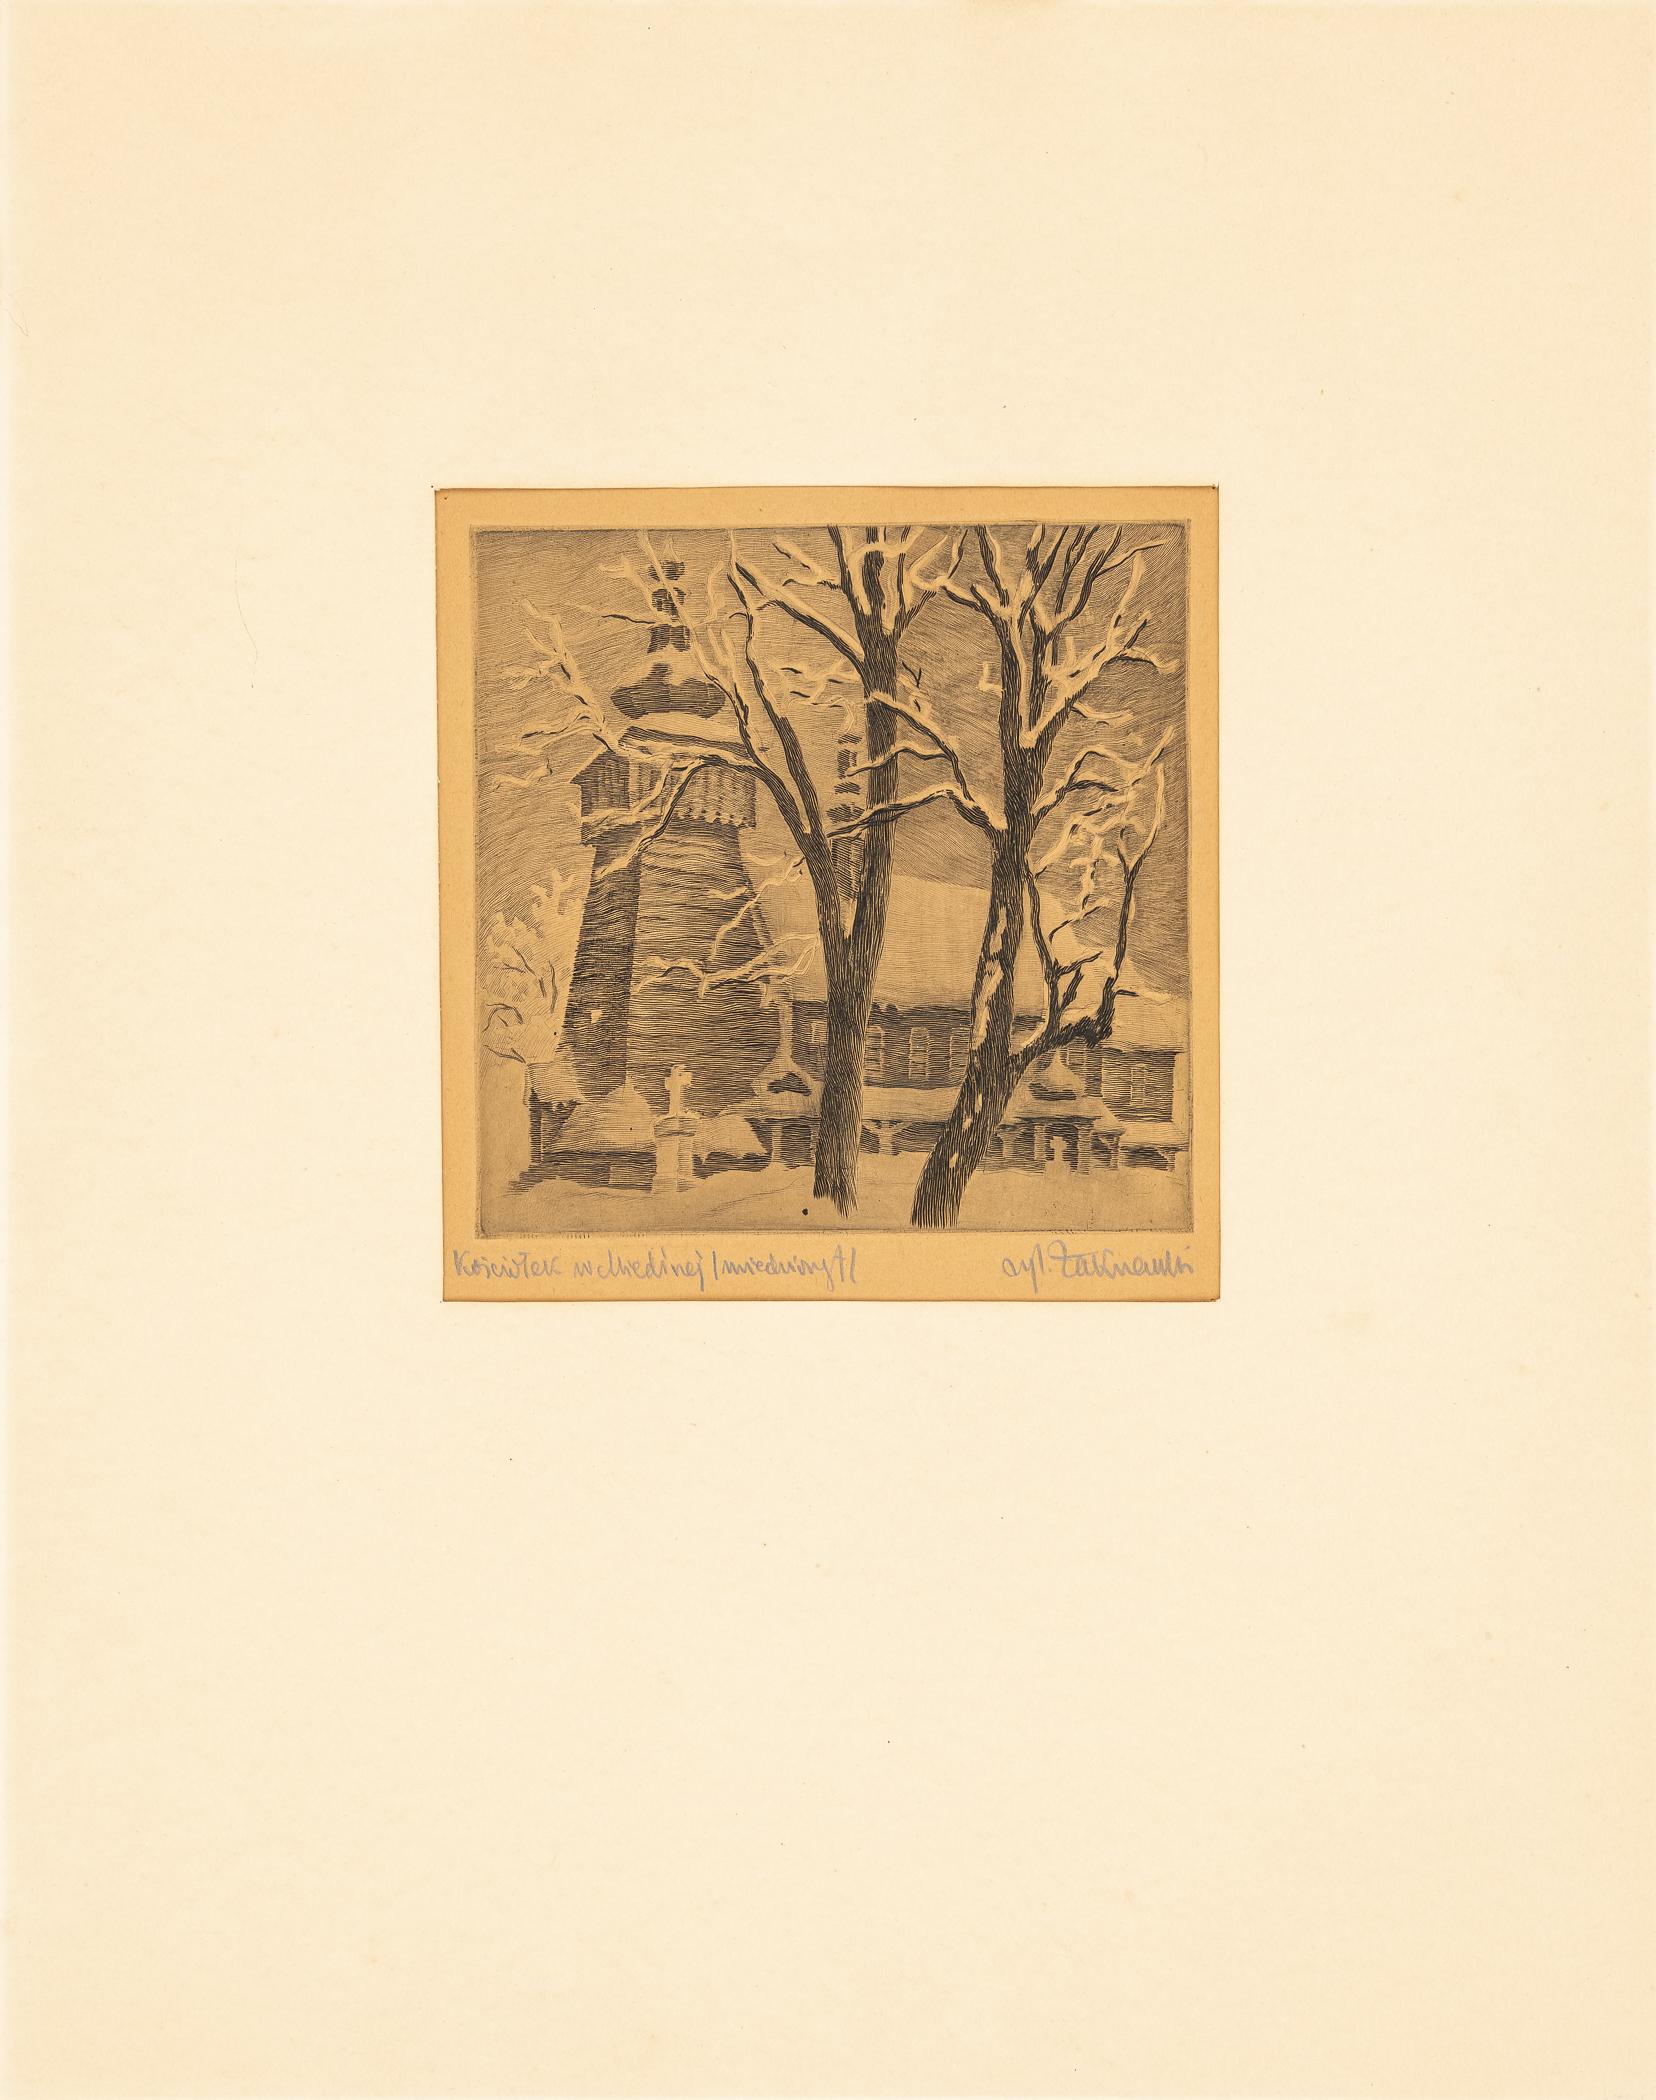 Kościółek w Miedźnej (ziemia pszczyńska), lata 30. XX w.